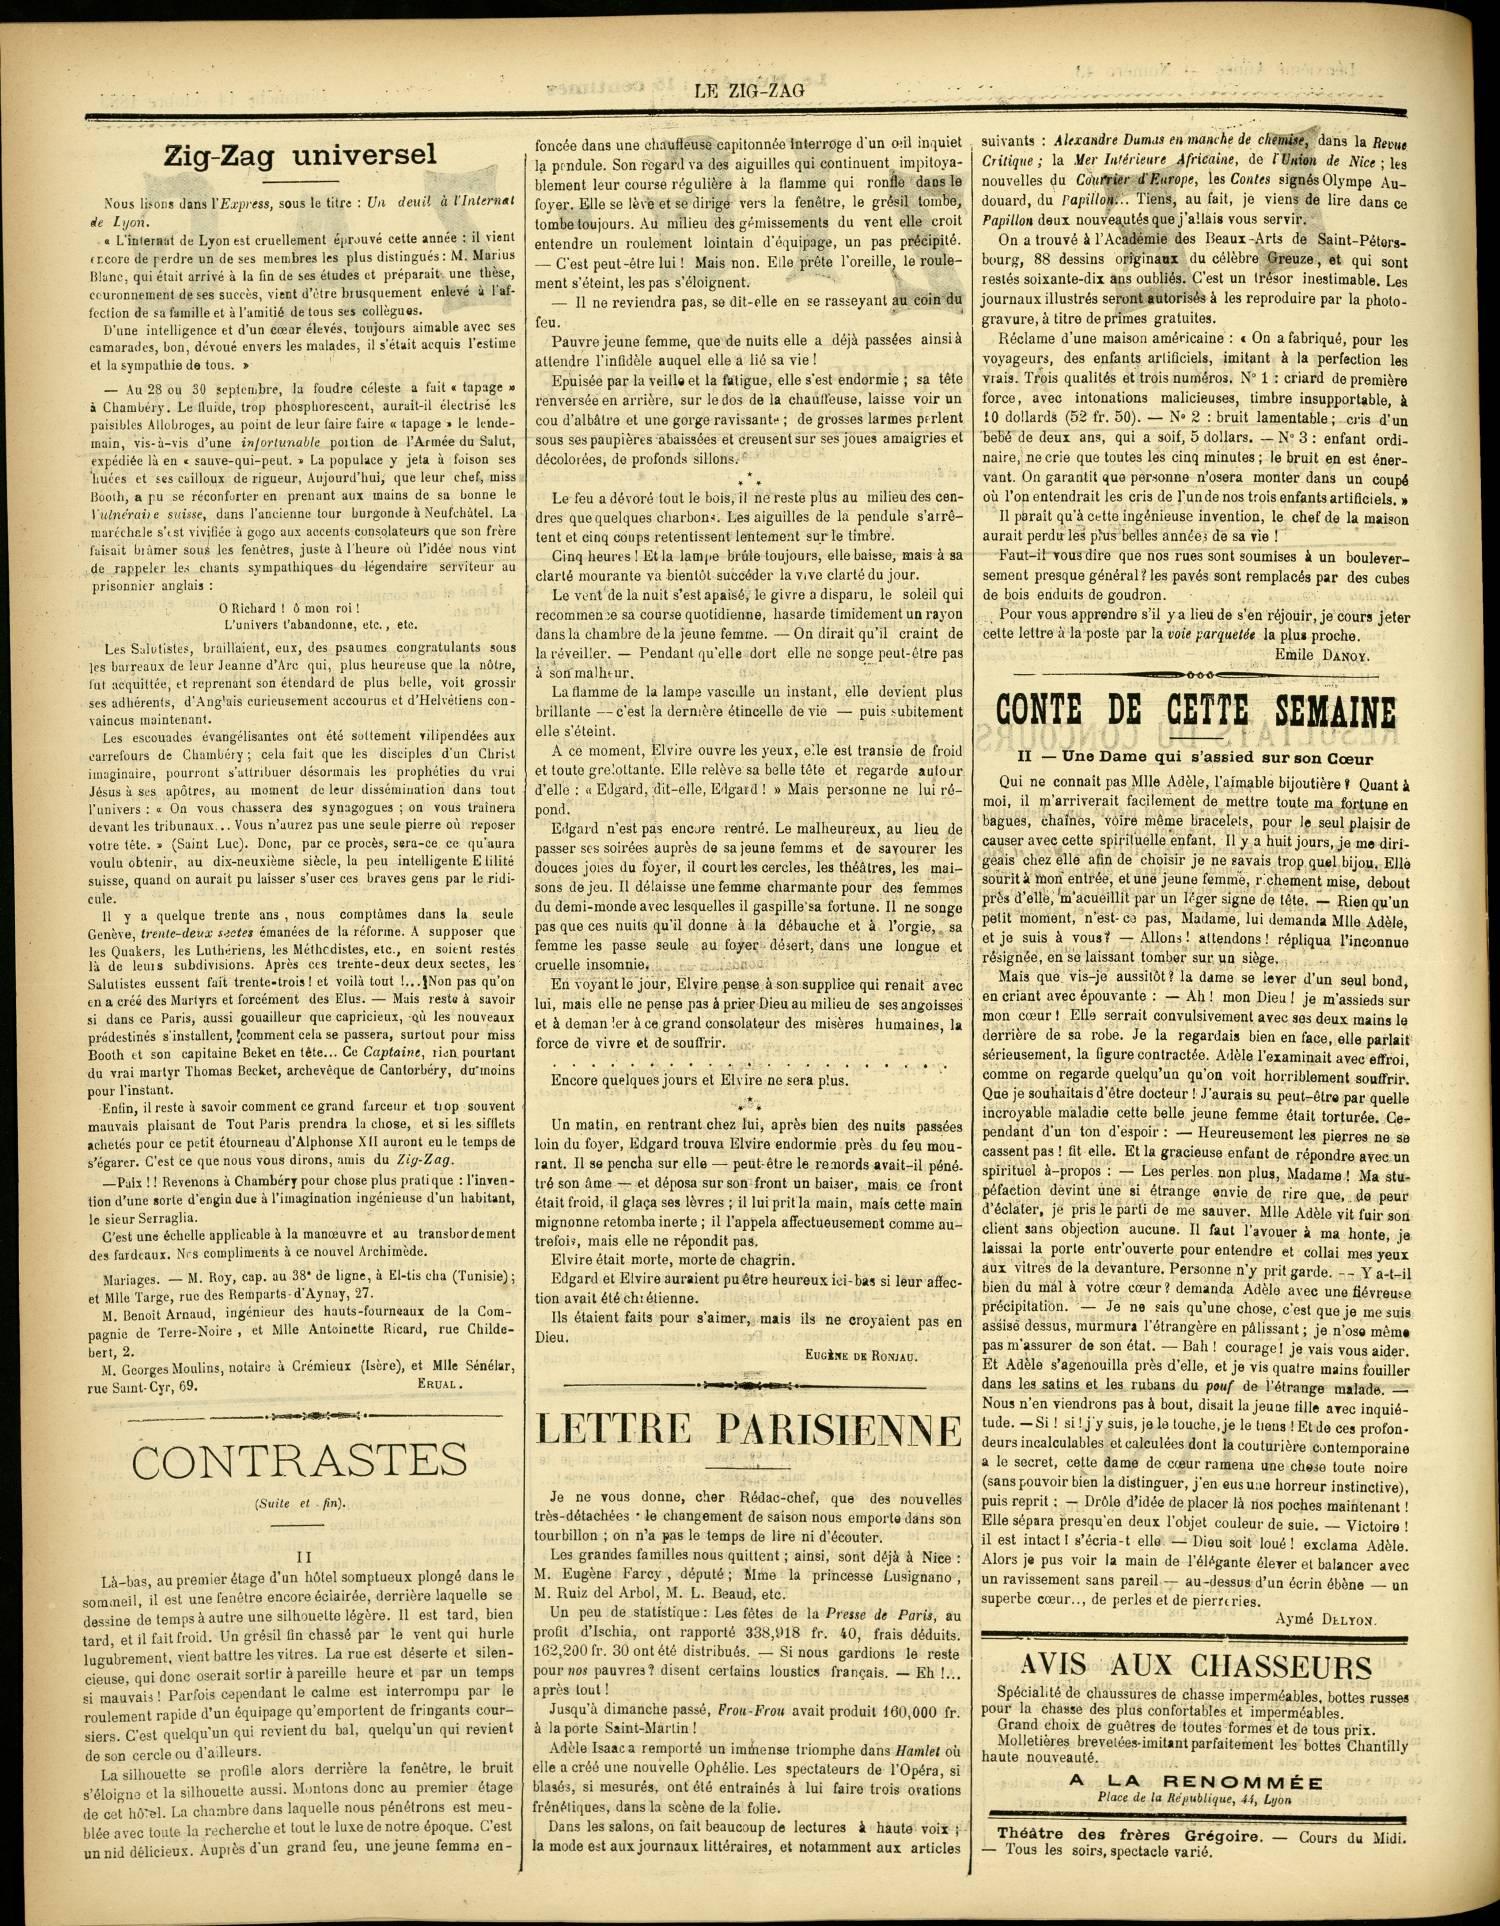 Contenu textuel de l'image : CONTE DE CETTE SEMAINE